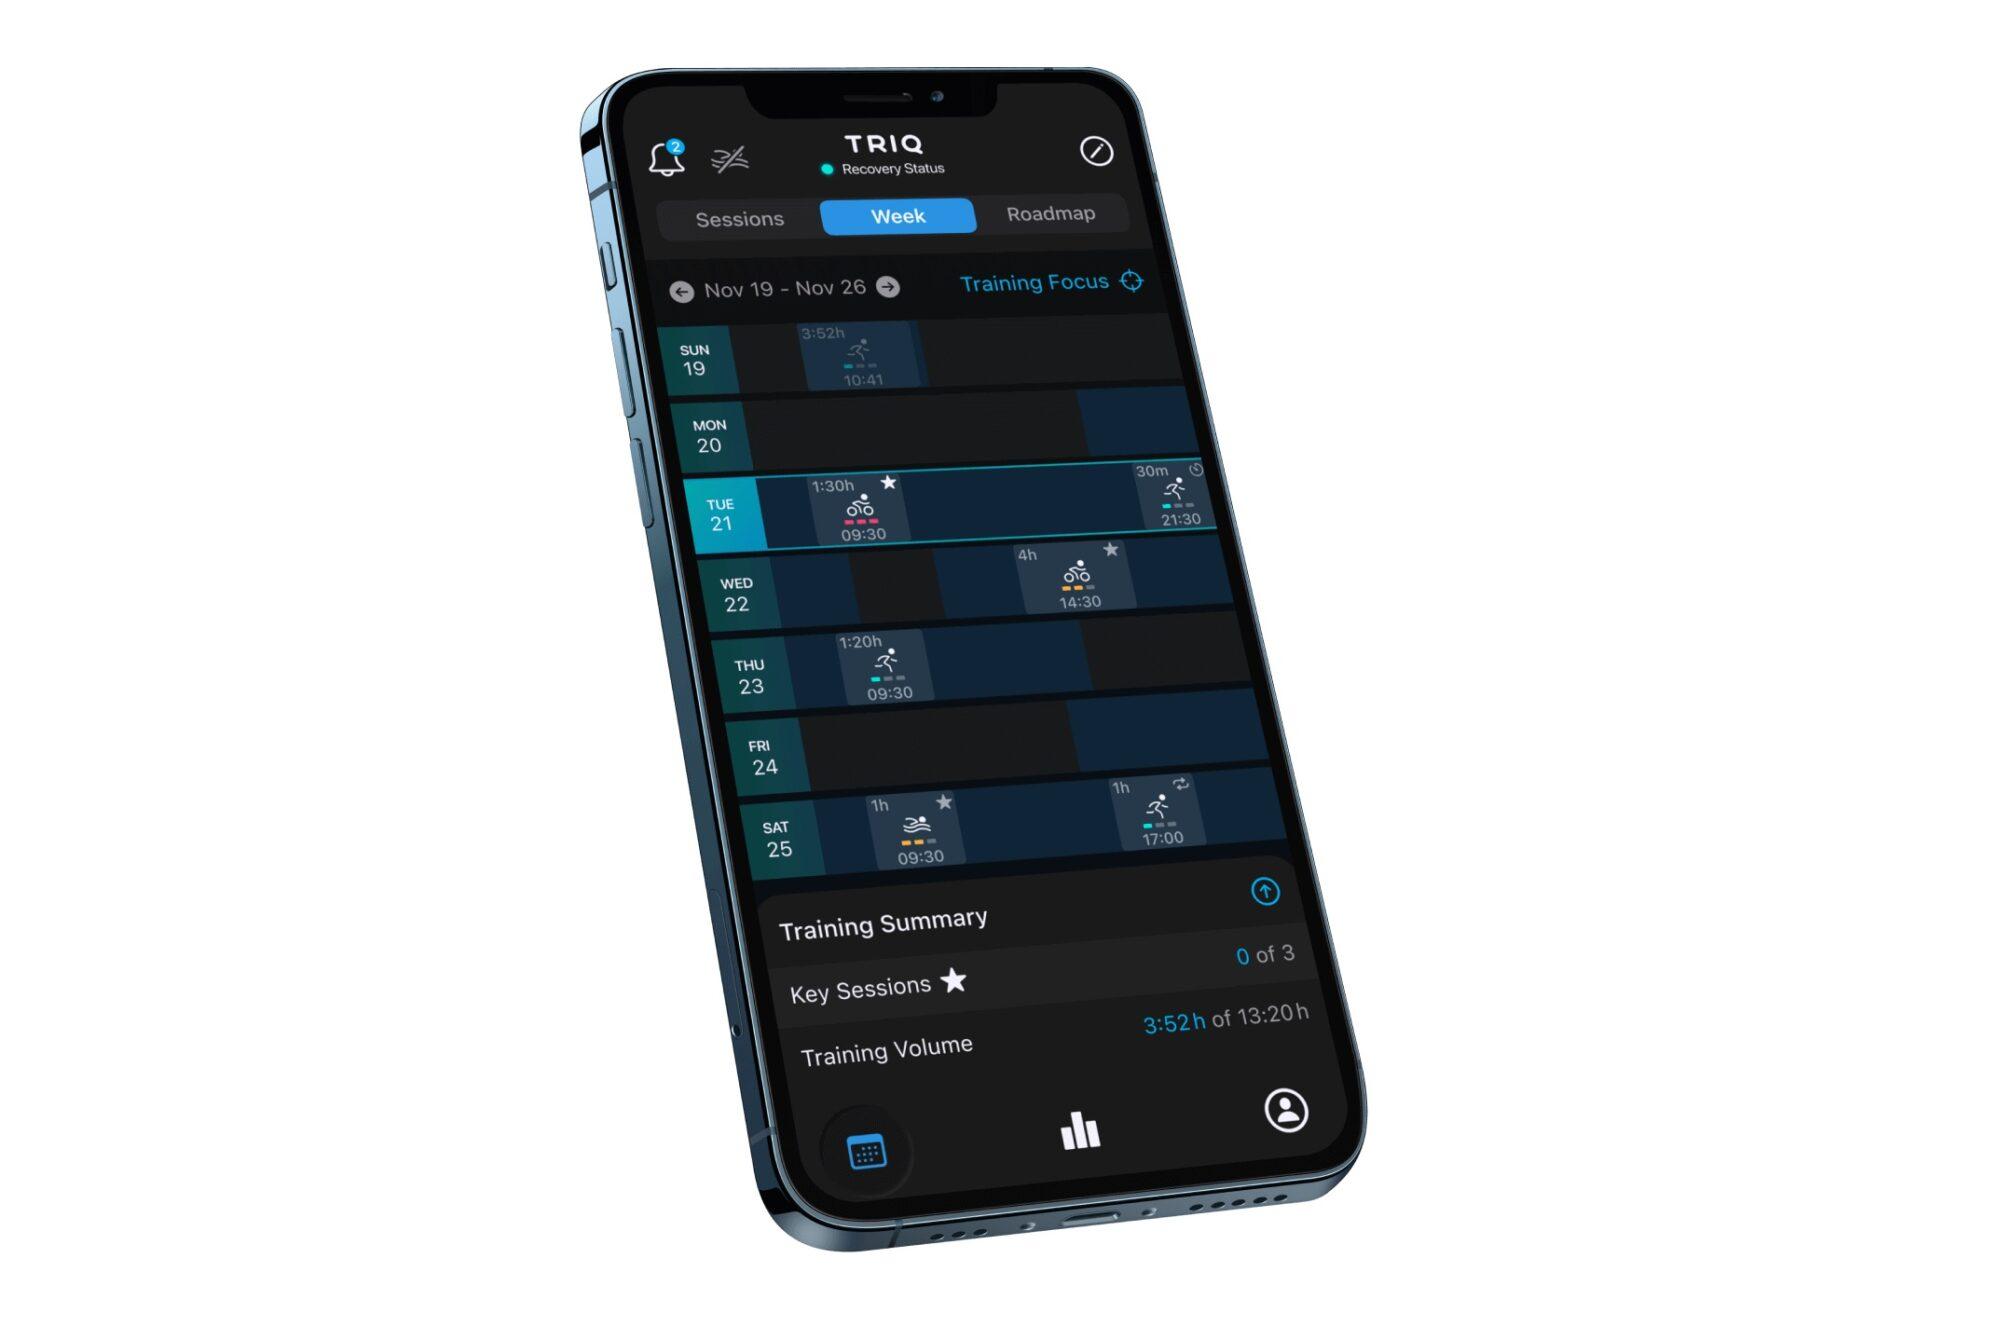 triathlon training app triq